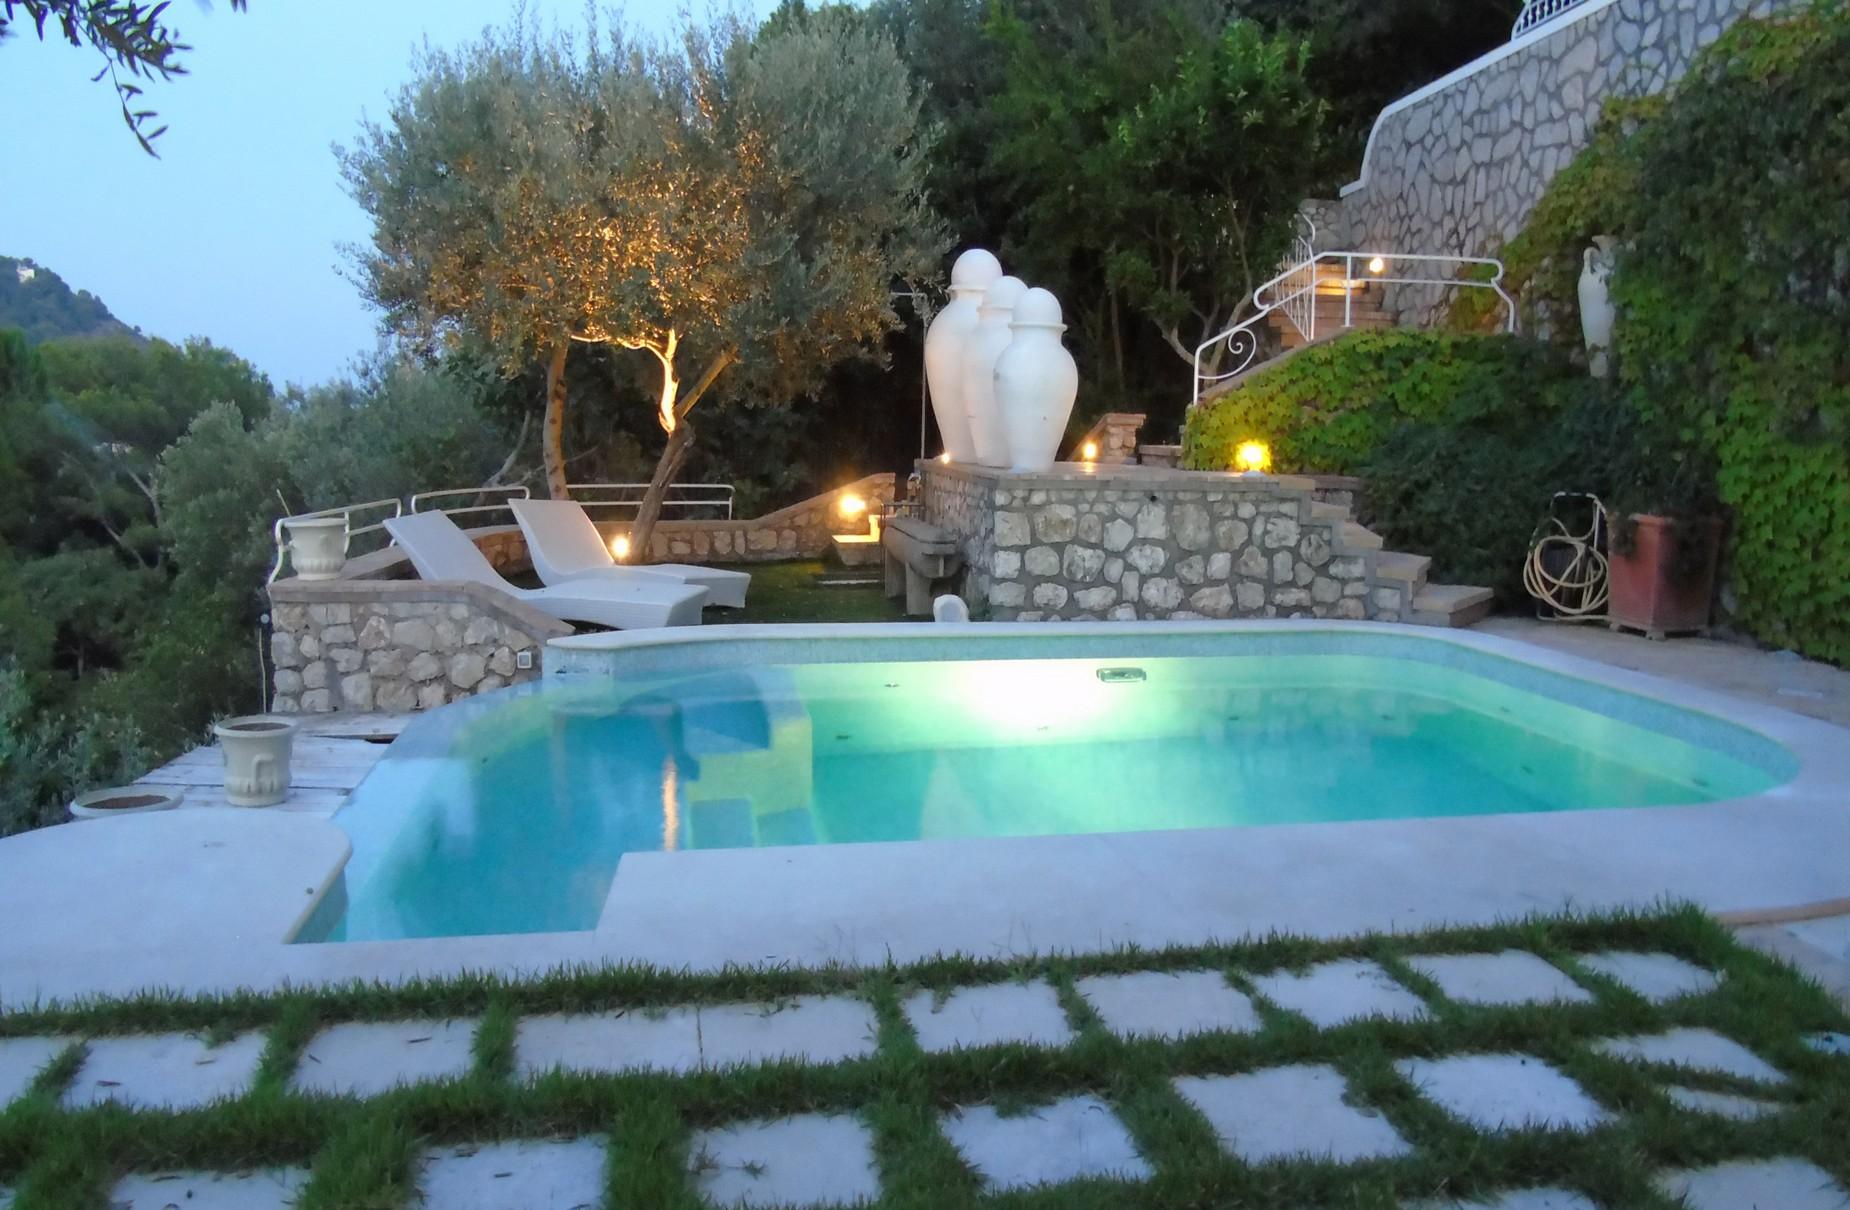 Villa in Vendita a Capri: 5 locali, 150 mq - Foto 9